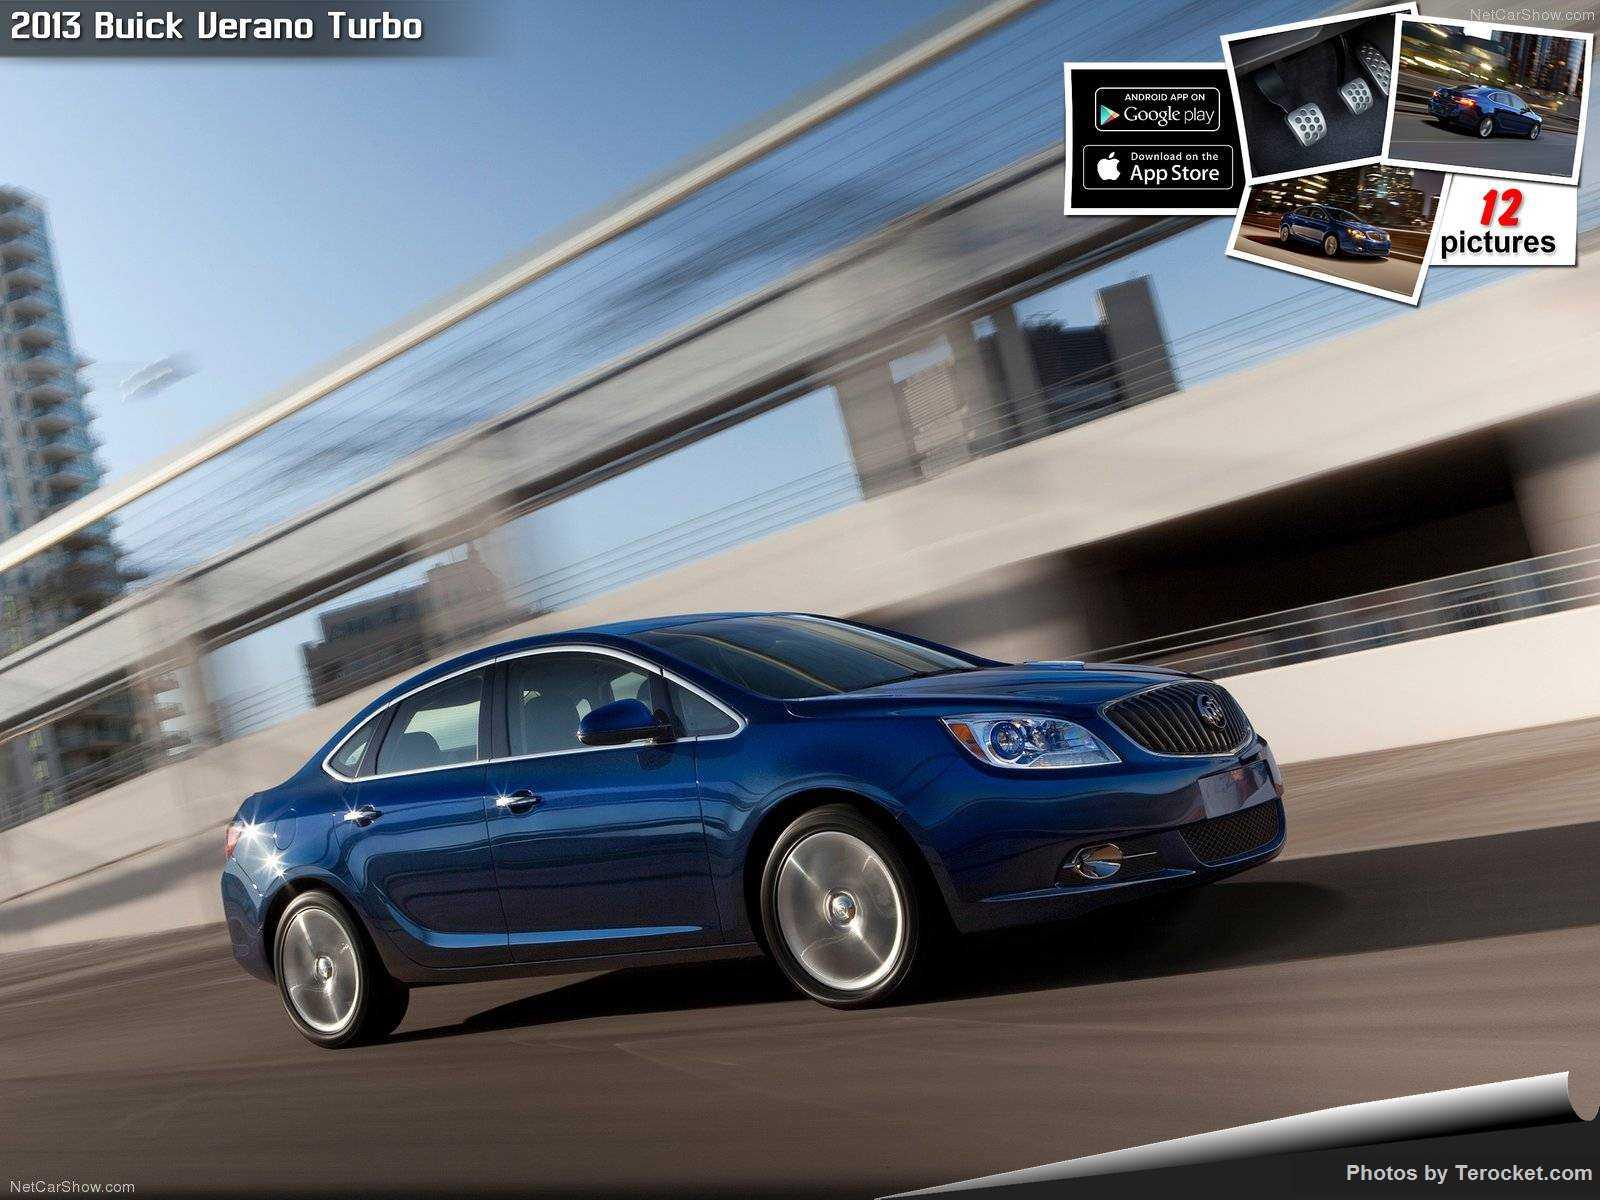 Hình ảnh xe ô tô Buick Verano Turbo 2013 & nội ngoại thất